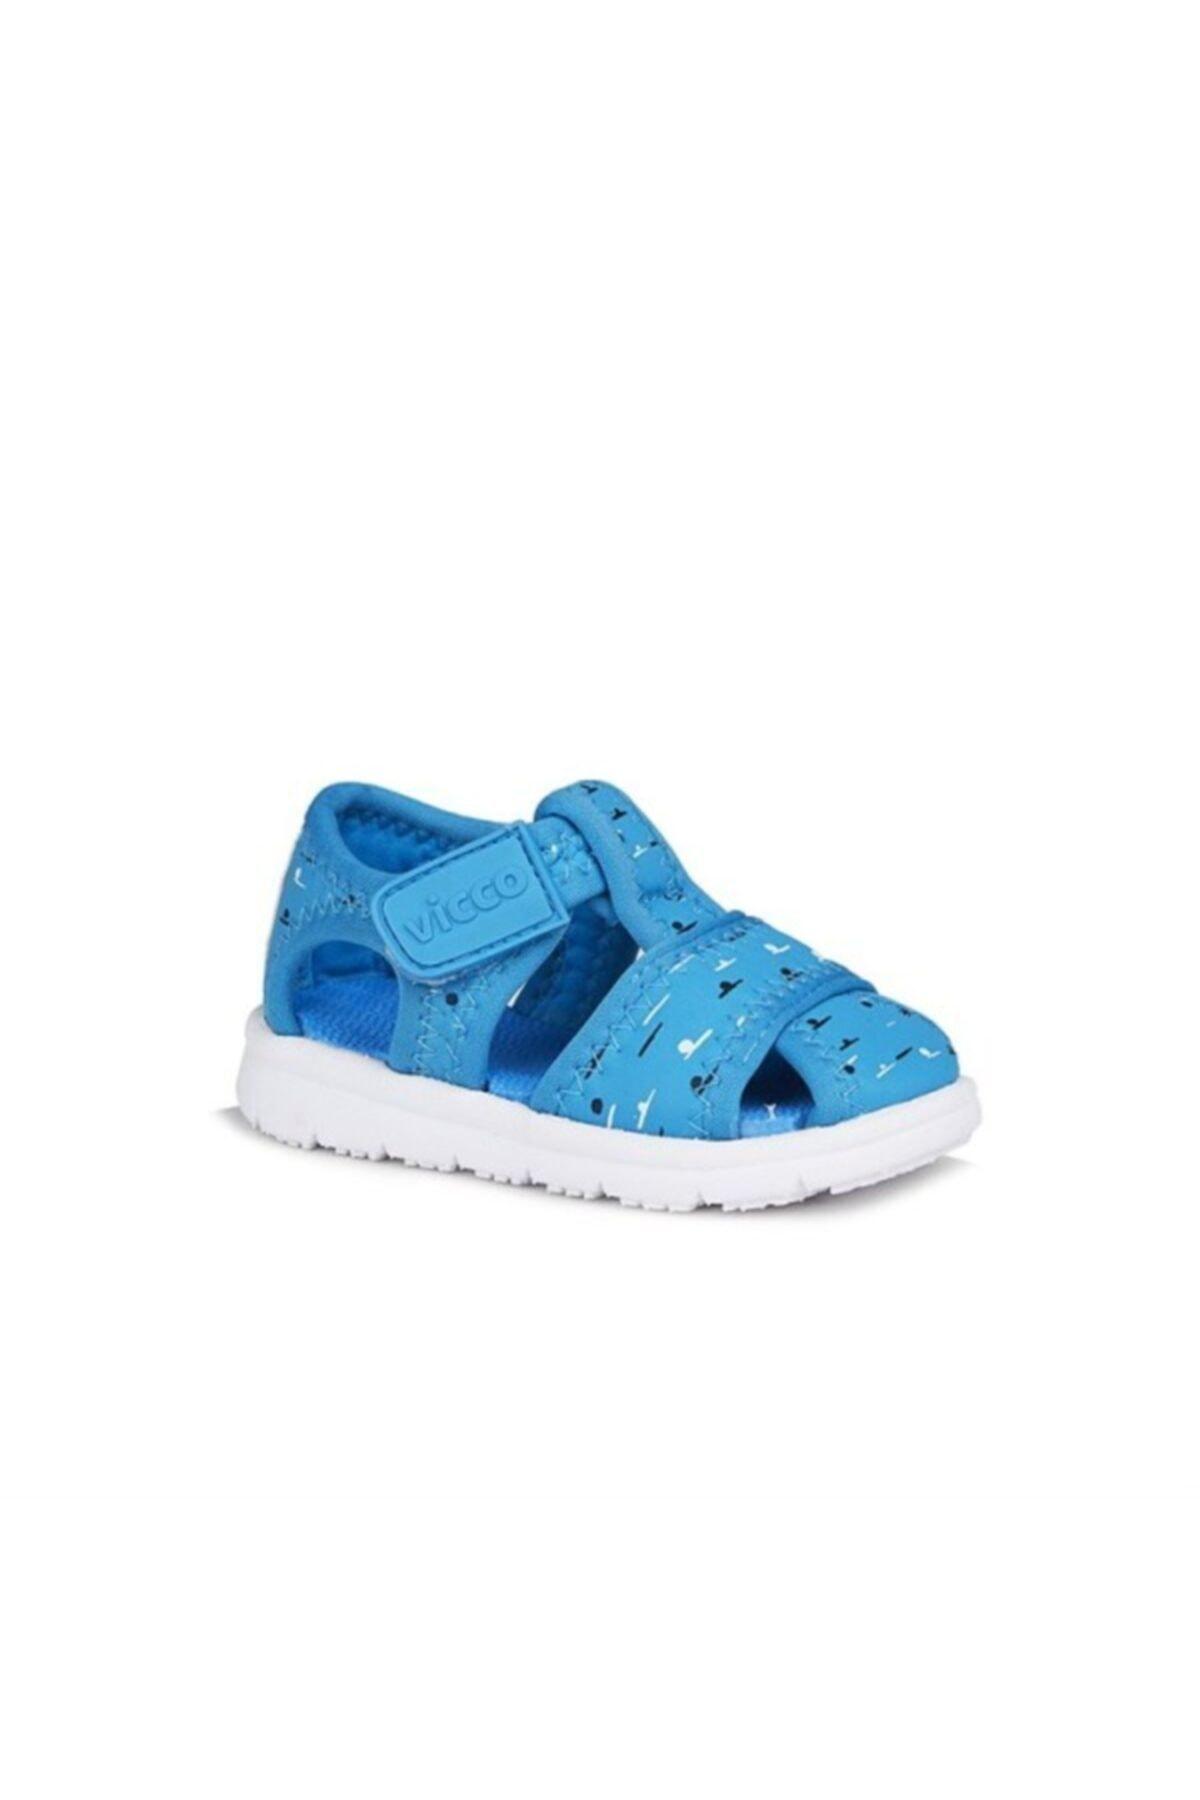 حرید اینترنتی صندل نوزاد پسرانه ارزان برند Vicco رنگ آبی کد ty43148693